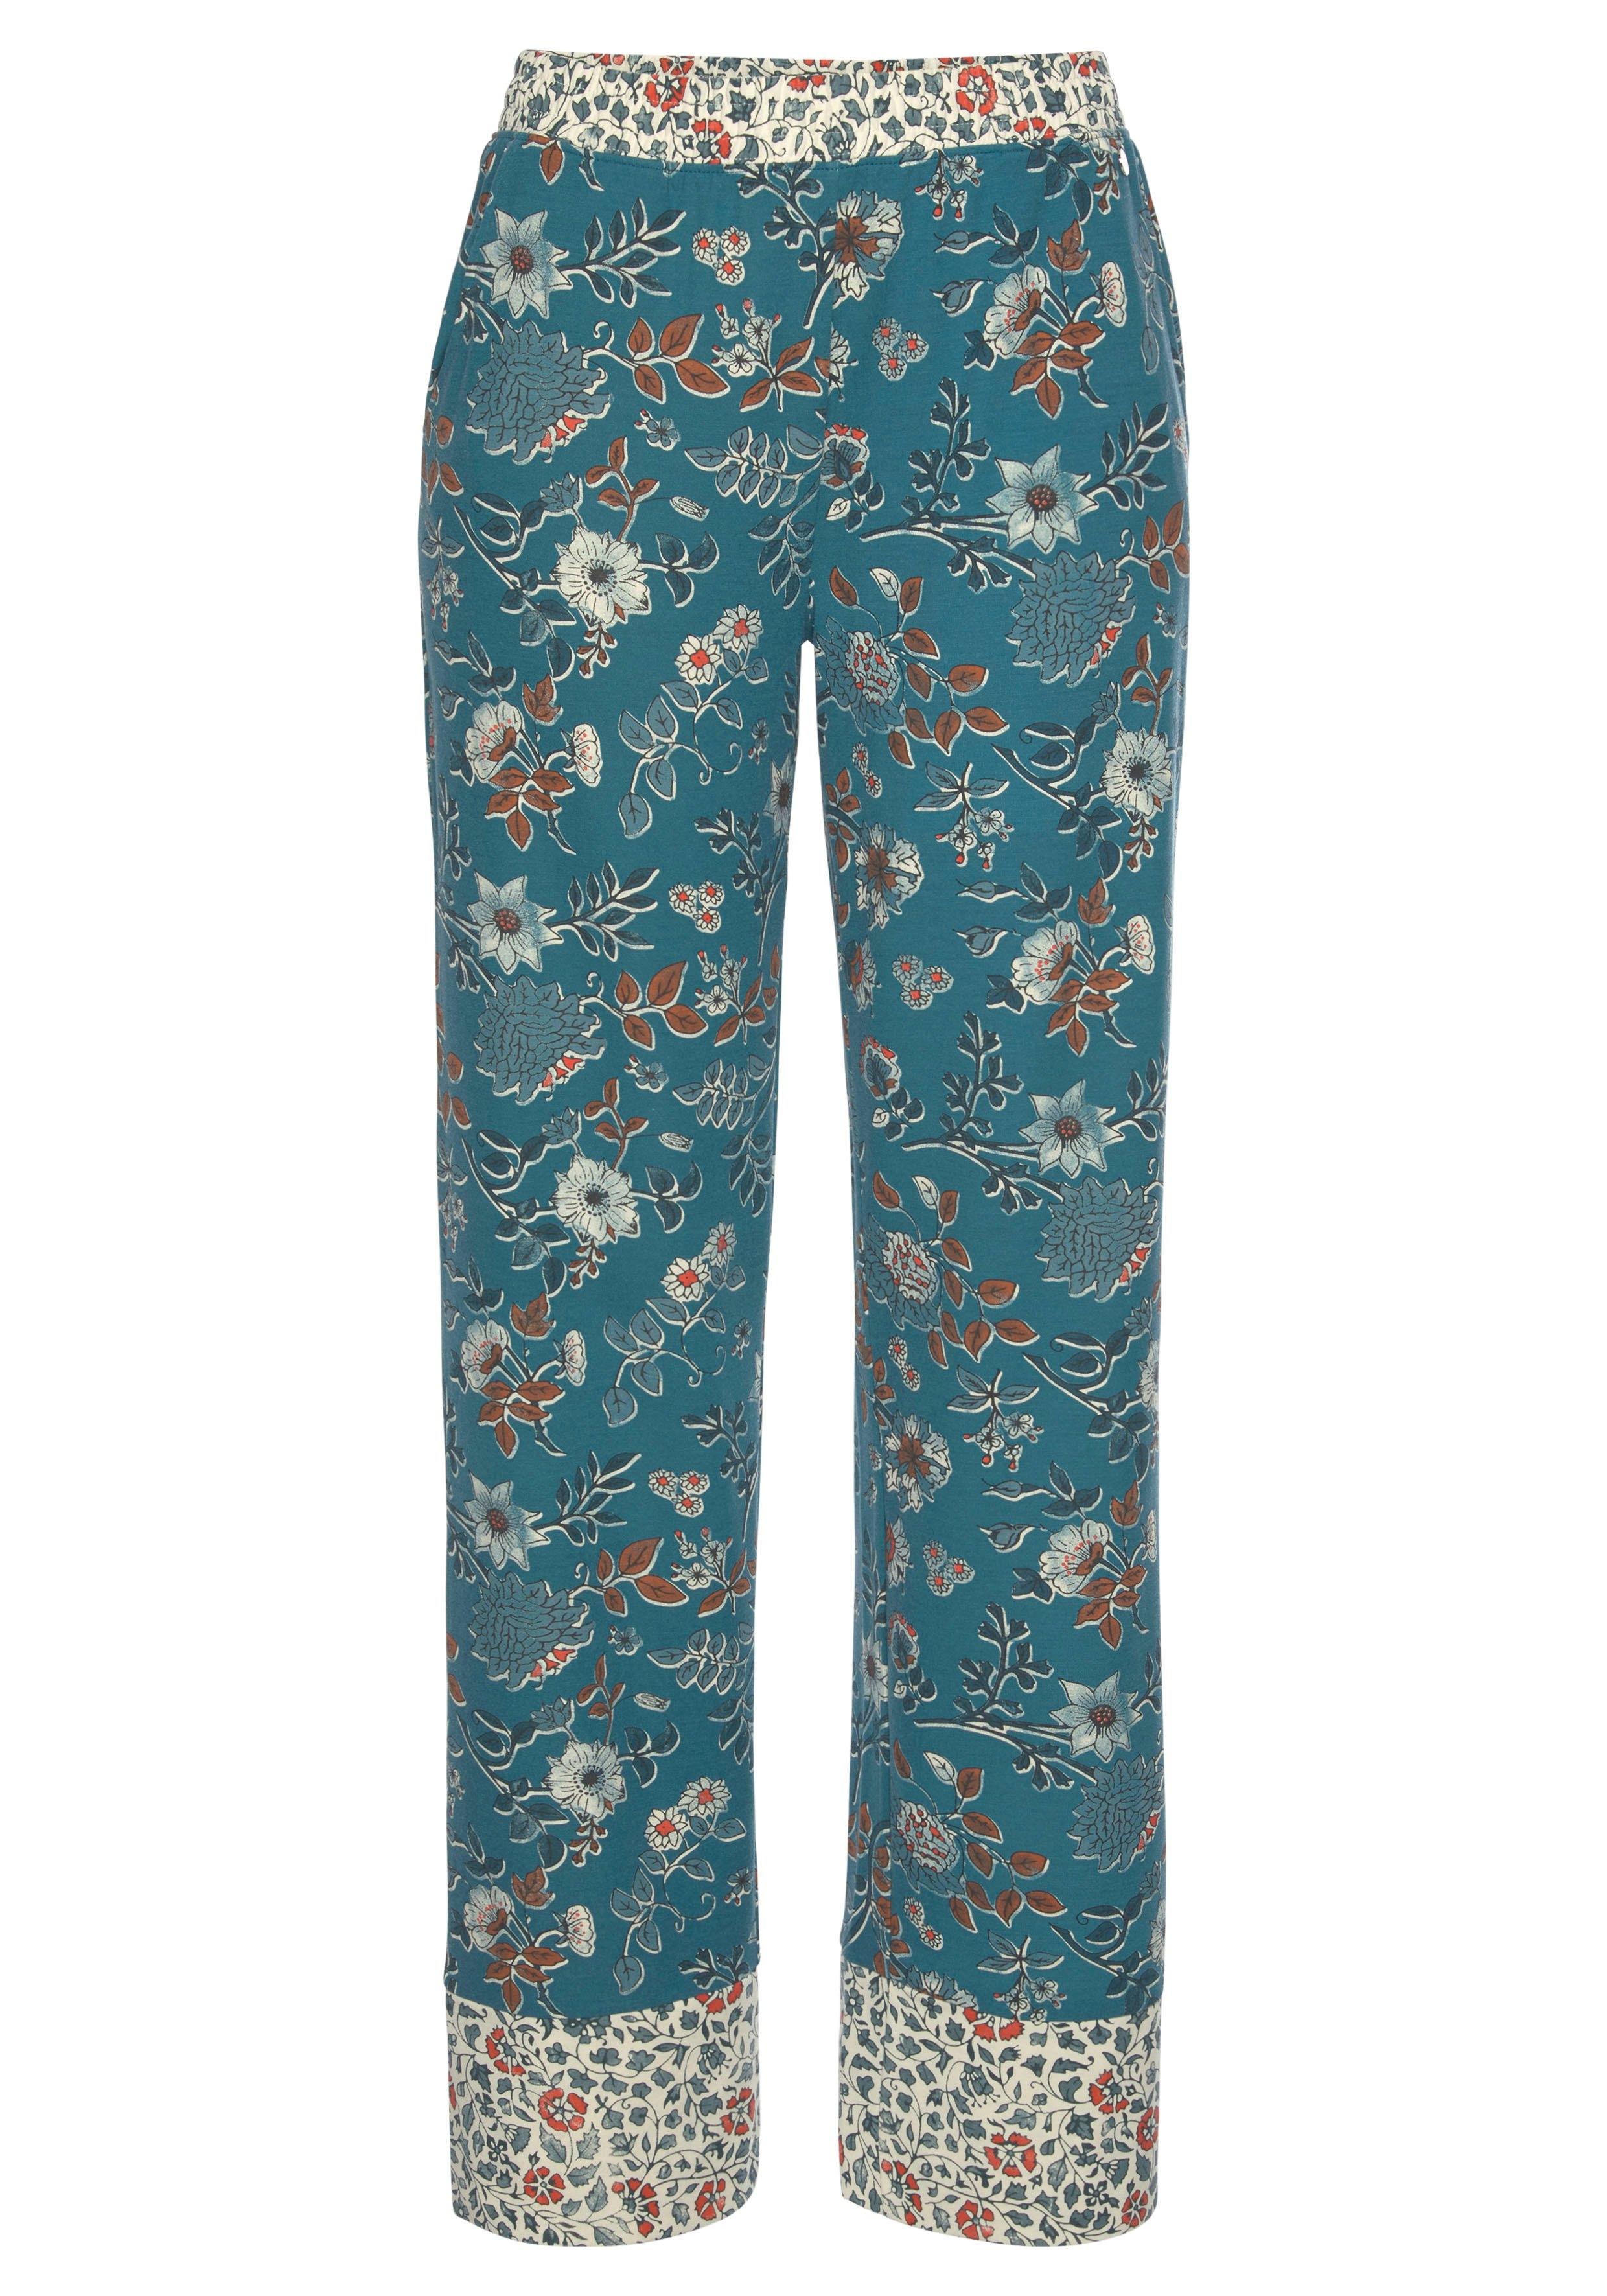 Op zoek naar een Lascana pyjamabroek in bloemen print all-over? Koop online bij Lascana